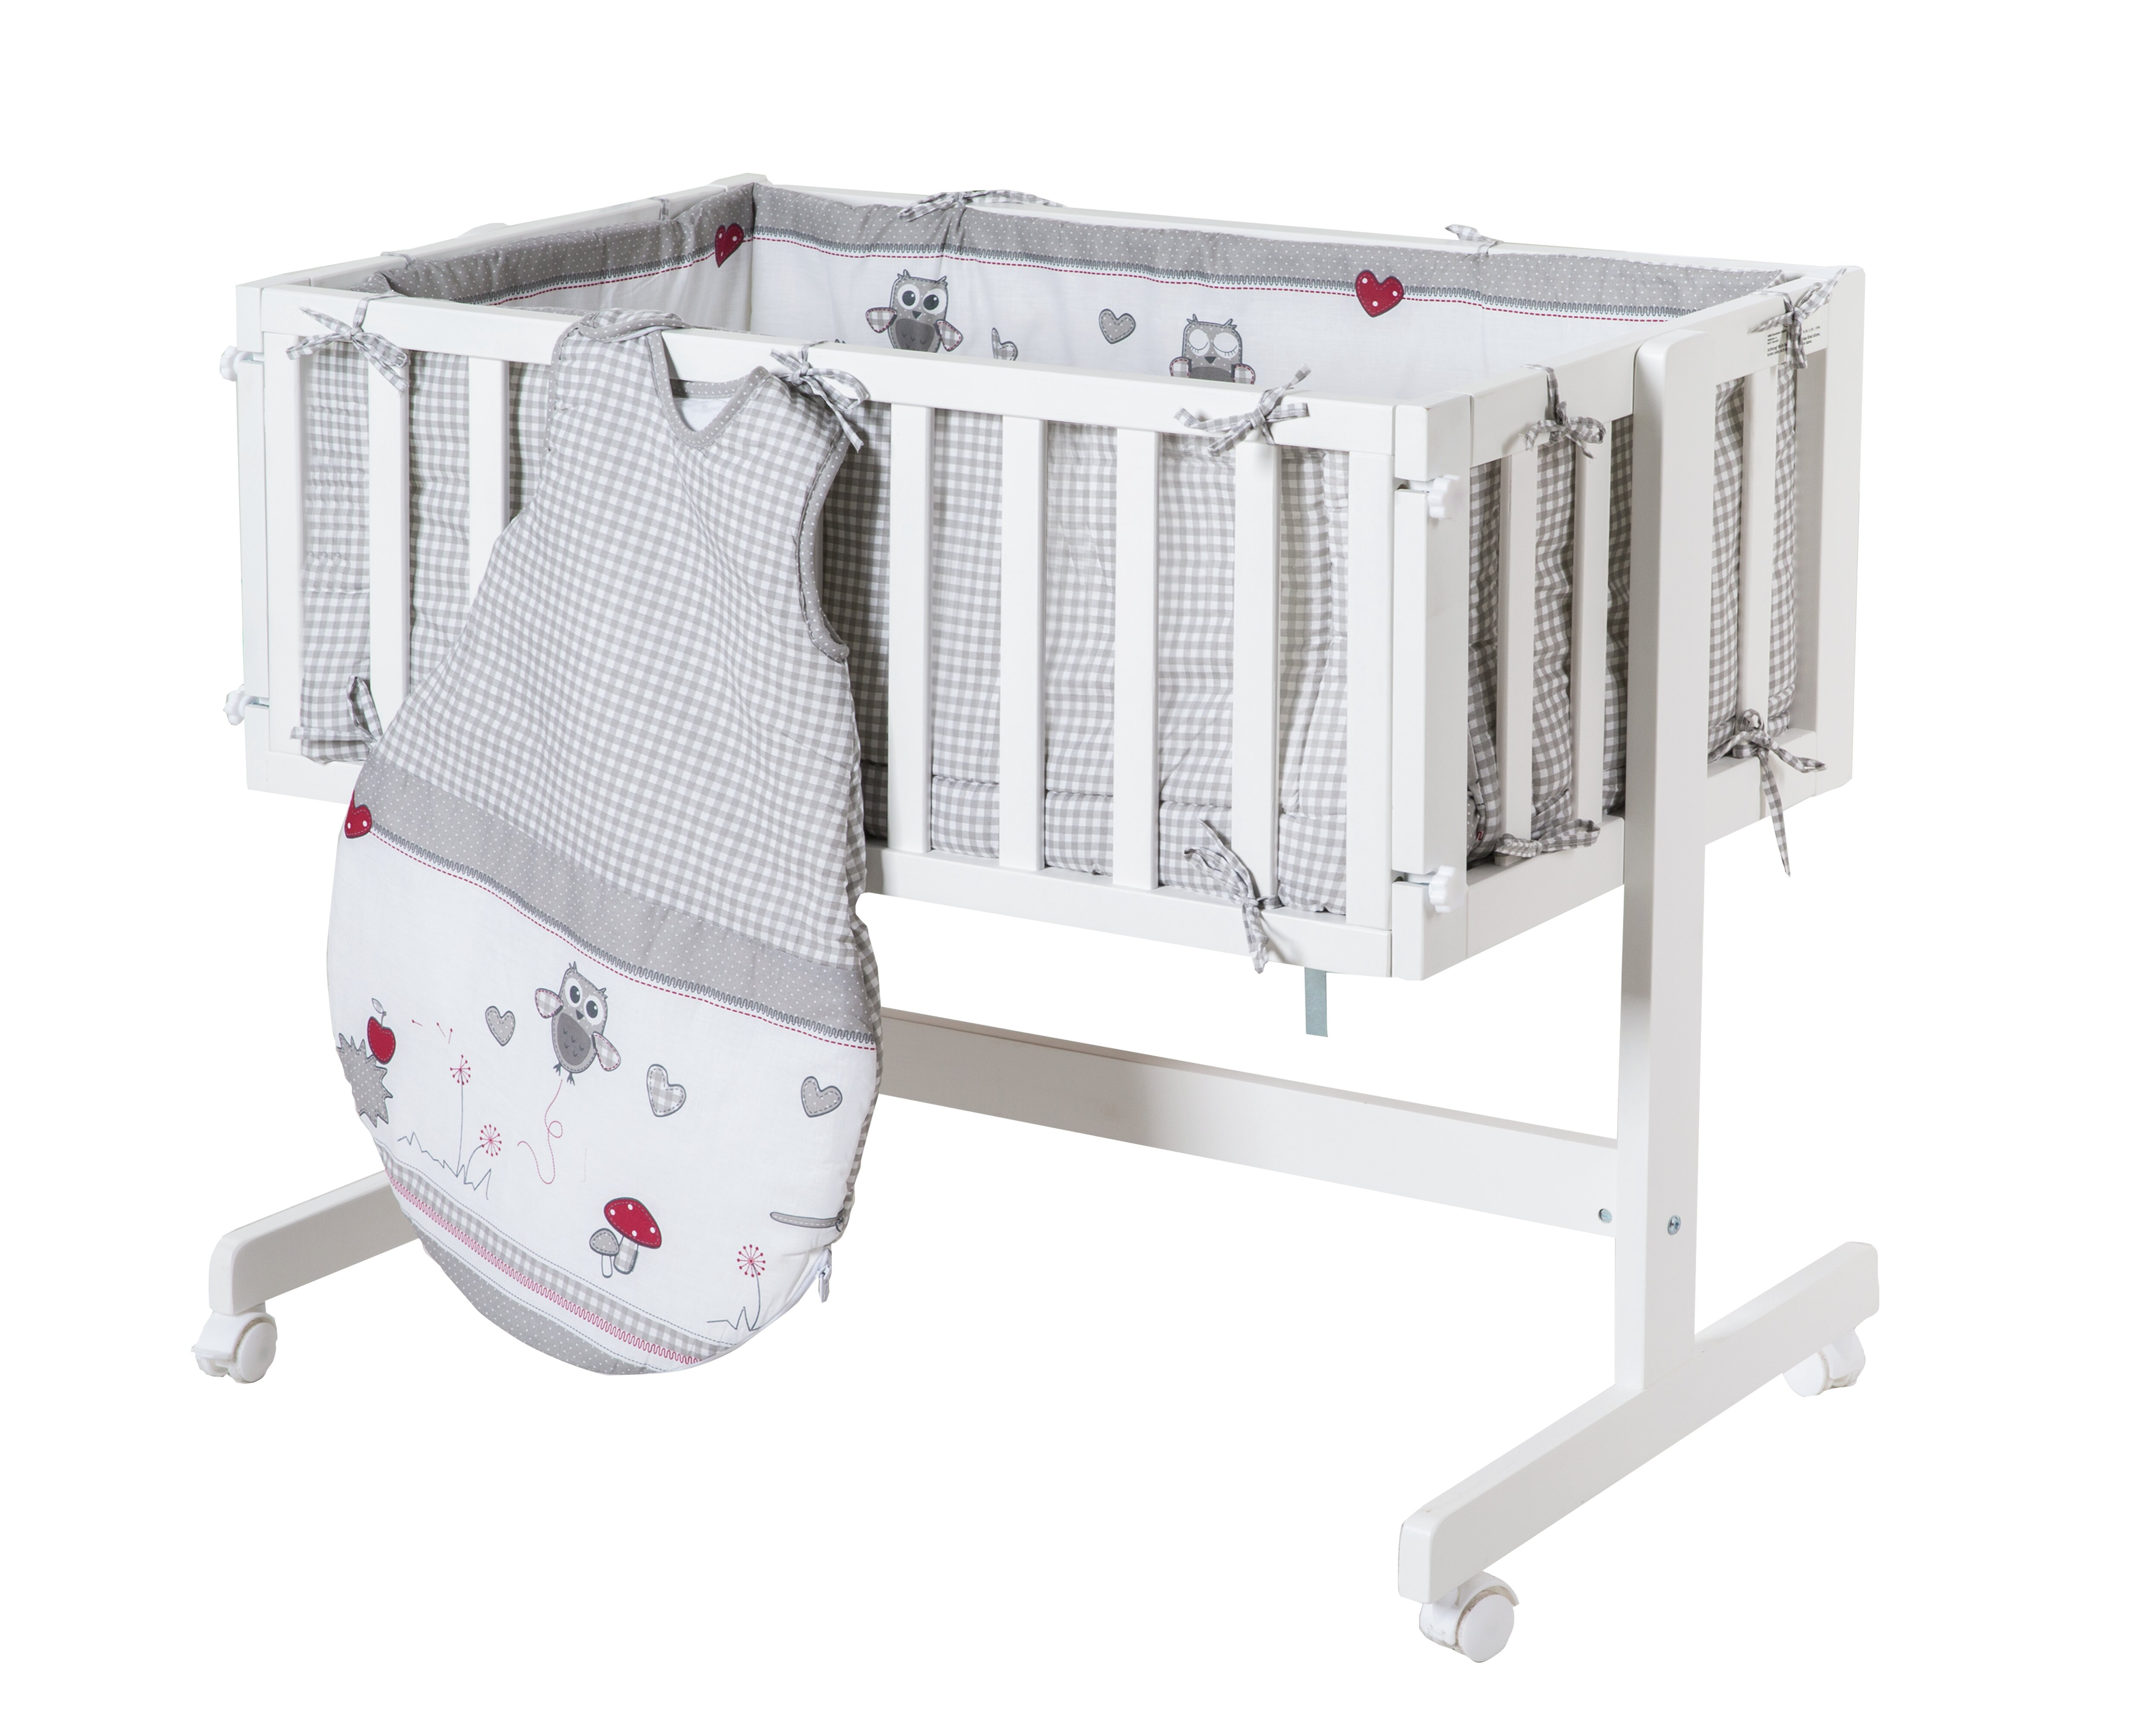 Stubenwagen & babywiegen: gestellmaterial holz zum verlieben